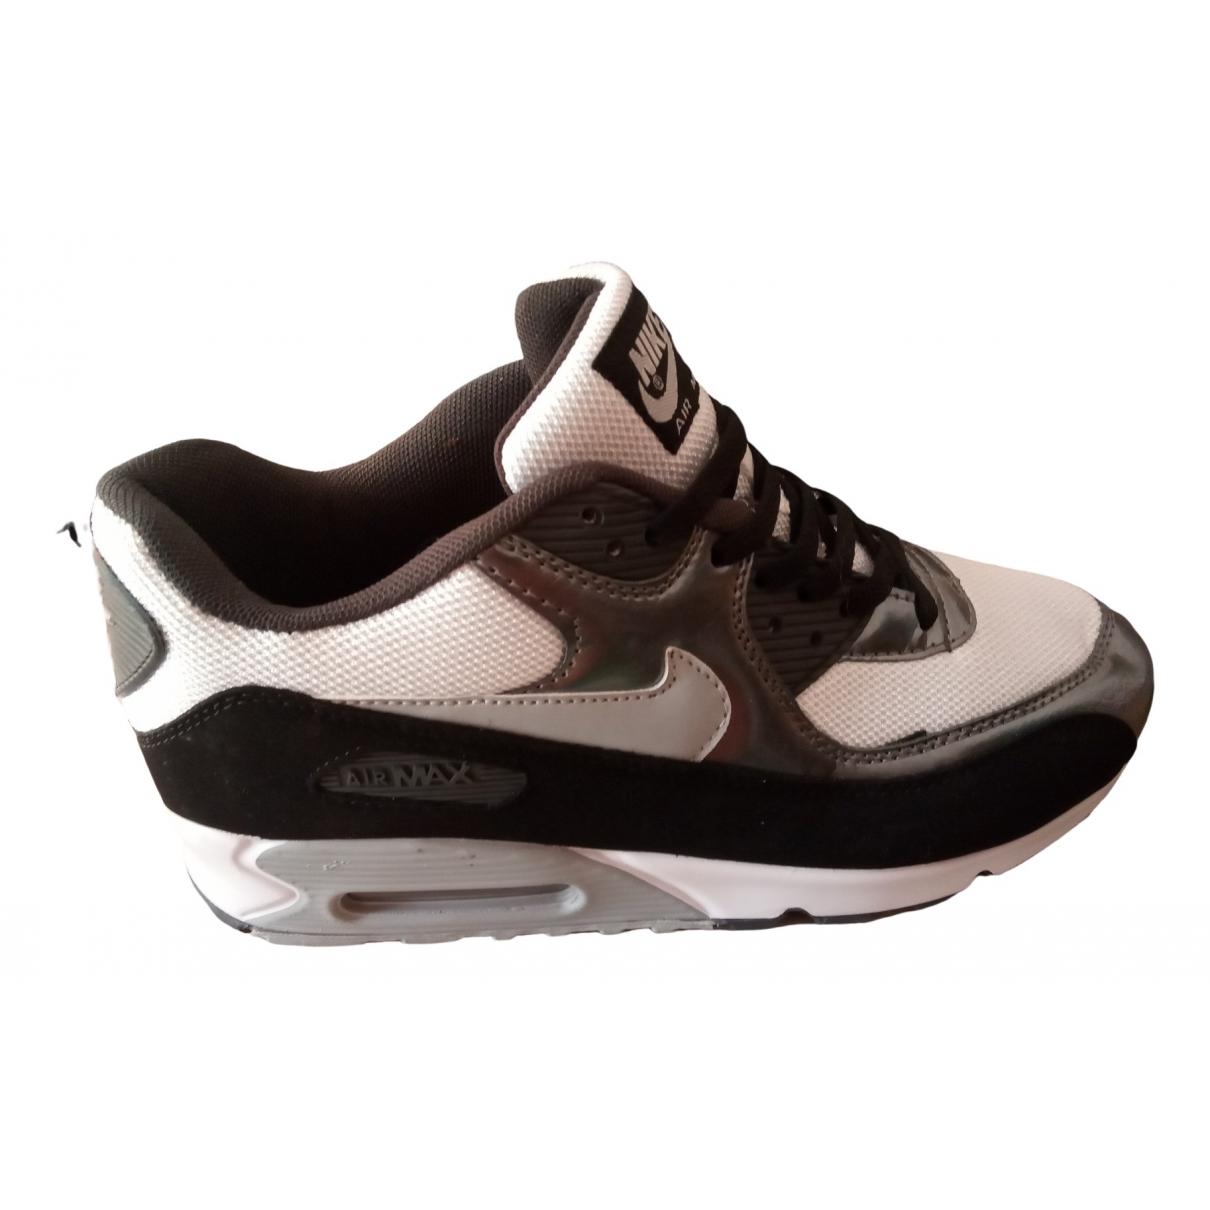 Nike - Baskets Air Max 90 pour homme en cuir verni - argente